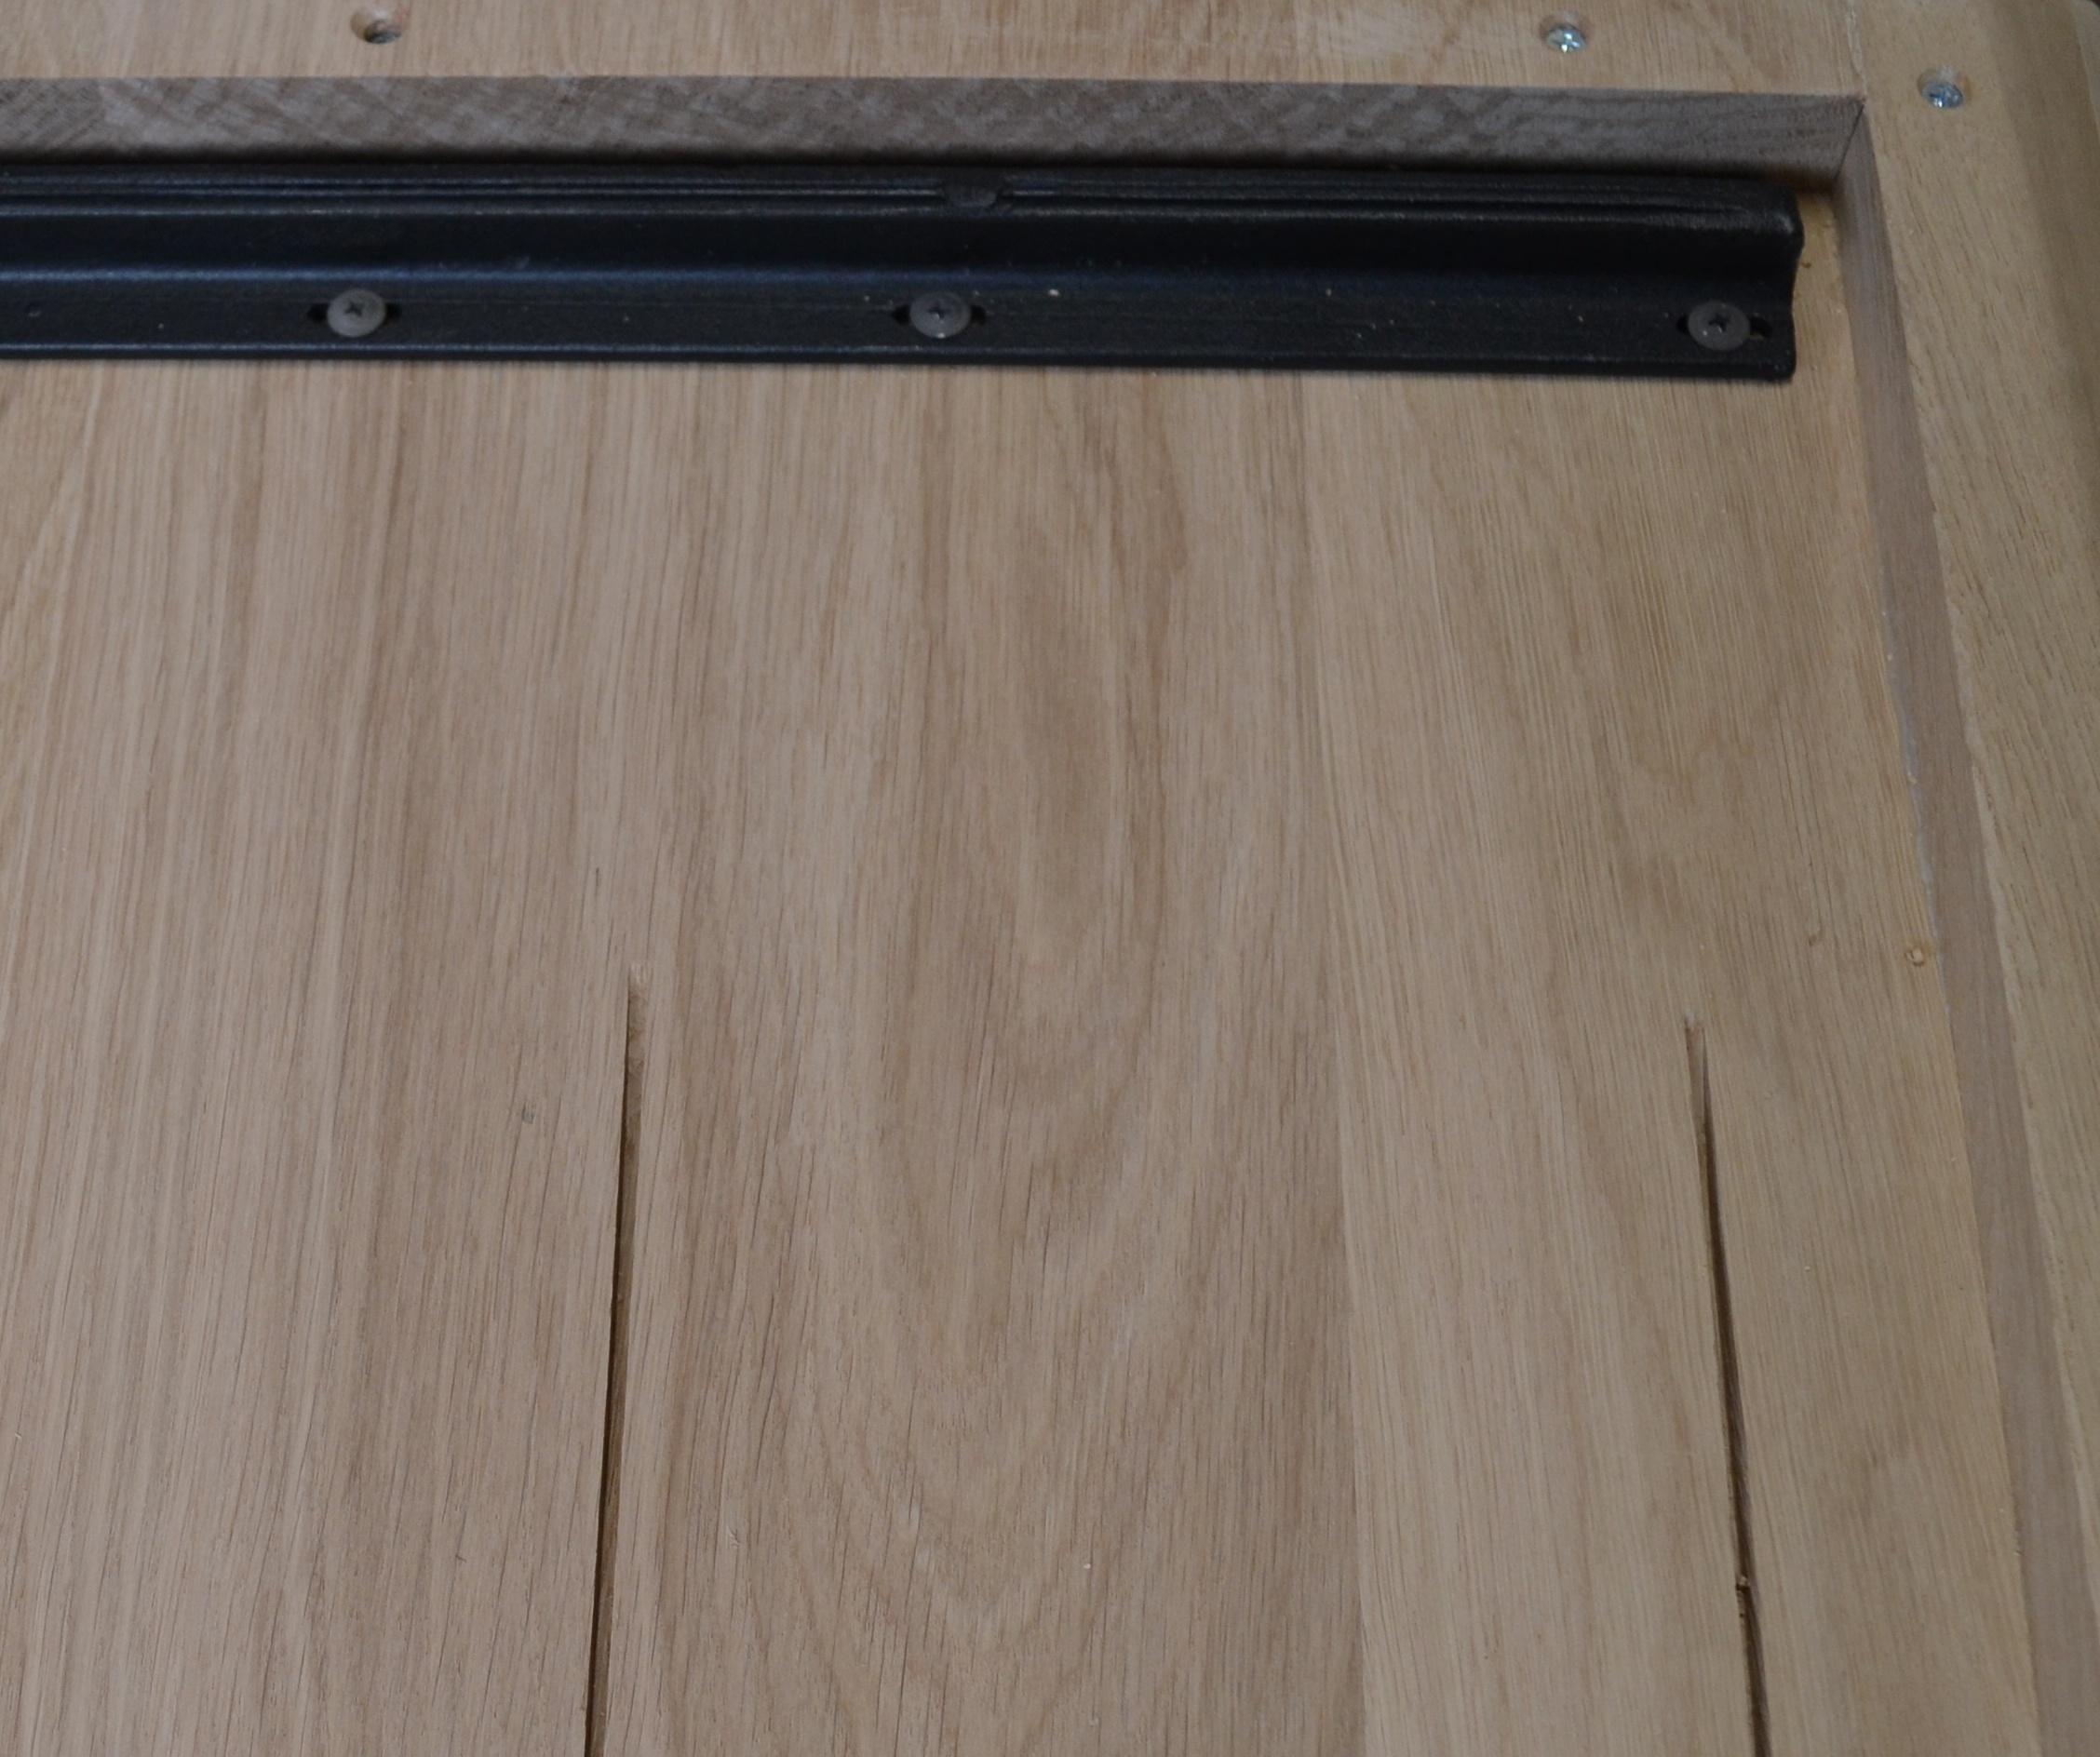 Eiken tafelblad extra rustiek (opgedikt 2-laags) 100x8 cm - van 200 tot 300 cm -  GESCHUURD - 10-12% kd Oost Europees eikenhout